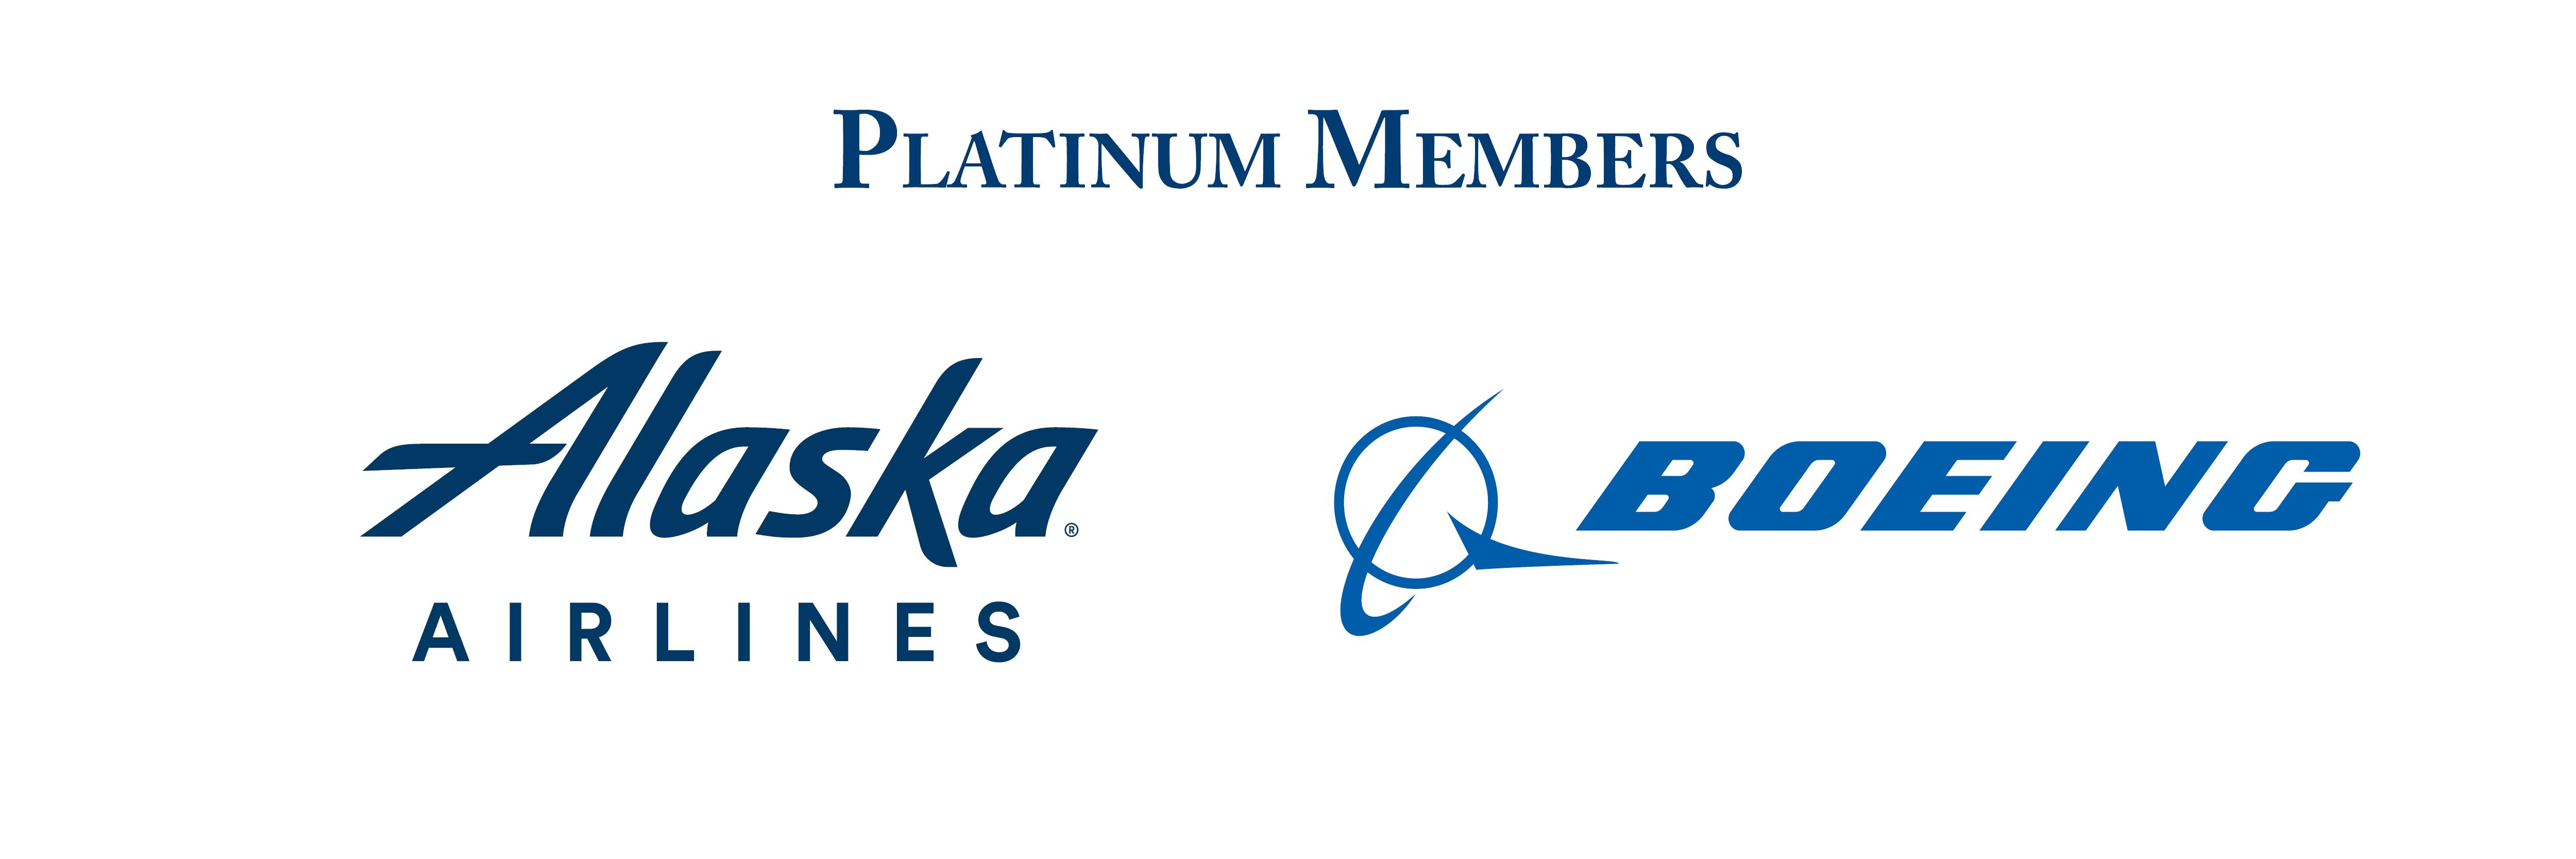 Platinum-Members-4-9-18.png